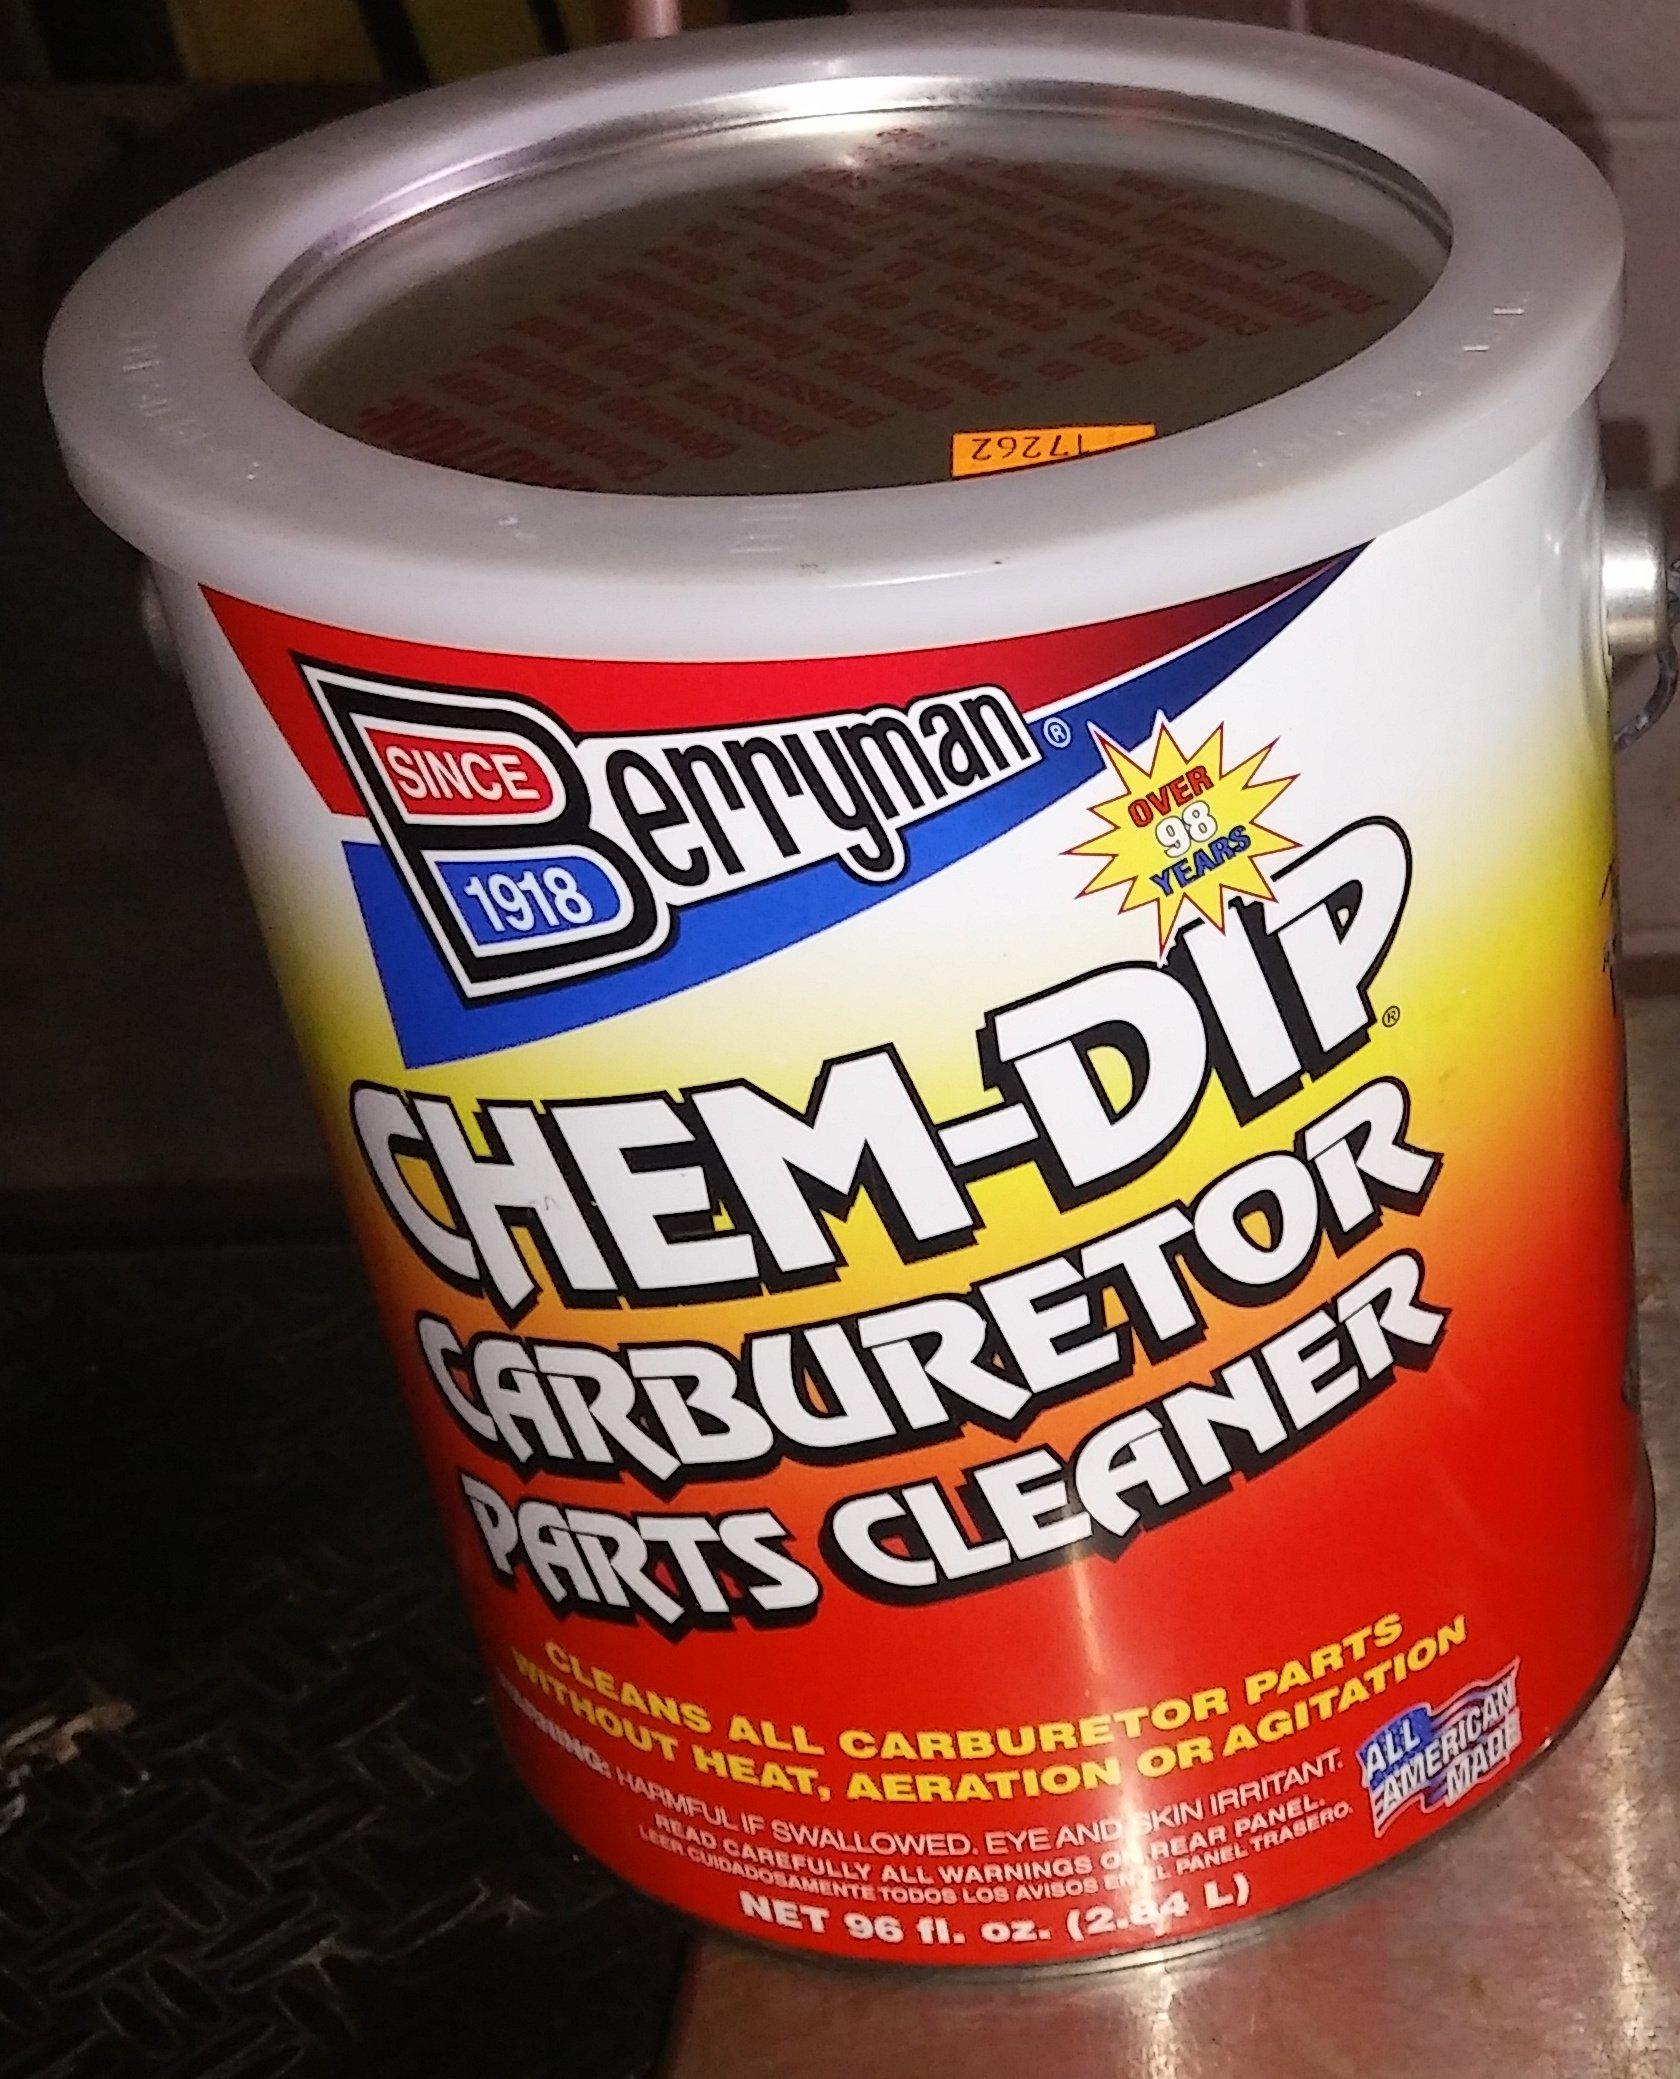 Berryman 0996 Chem-Dip Carburetor by Berryman Products